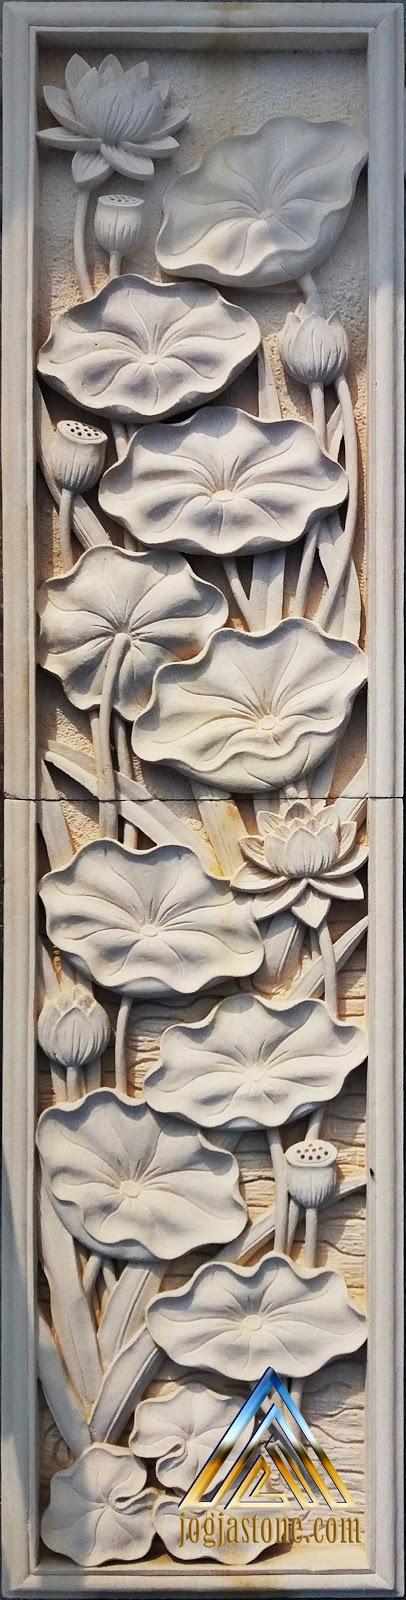 Relief dari batu alam paras jogja / batu putih motif bunga lotus